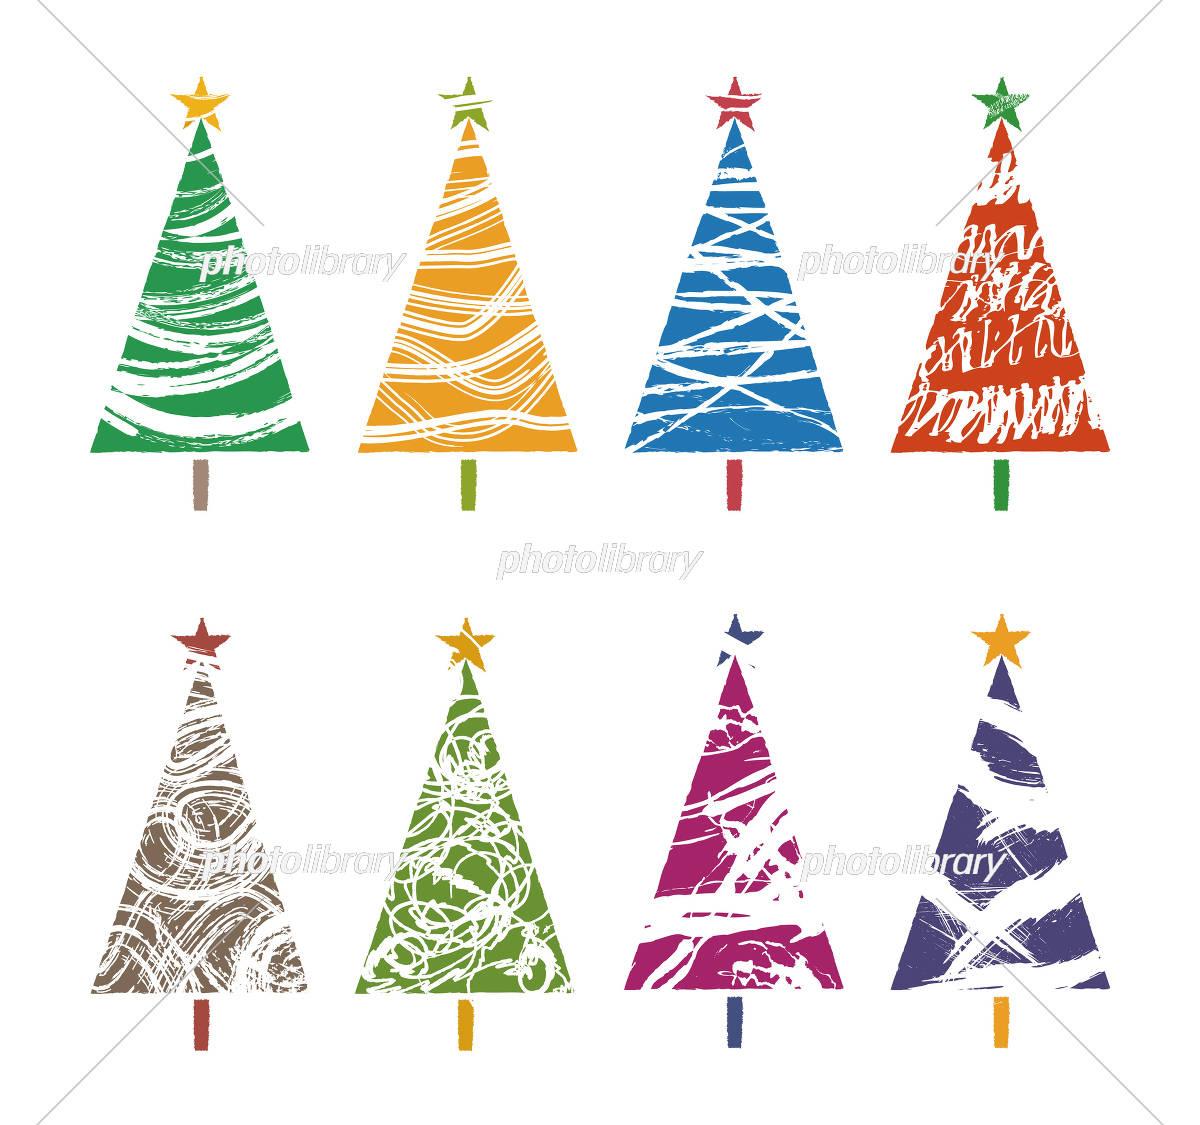 いろいろな模様の色とりどりなクリスマスツリー イラスト素材